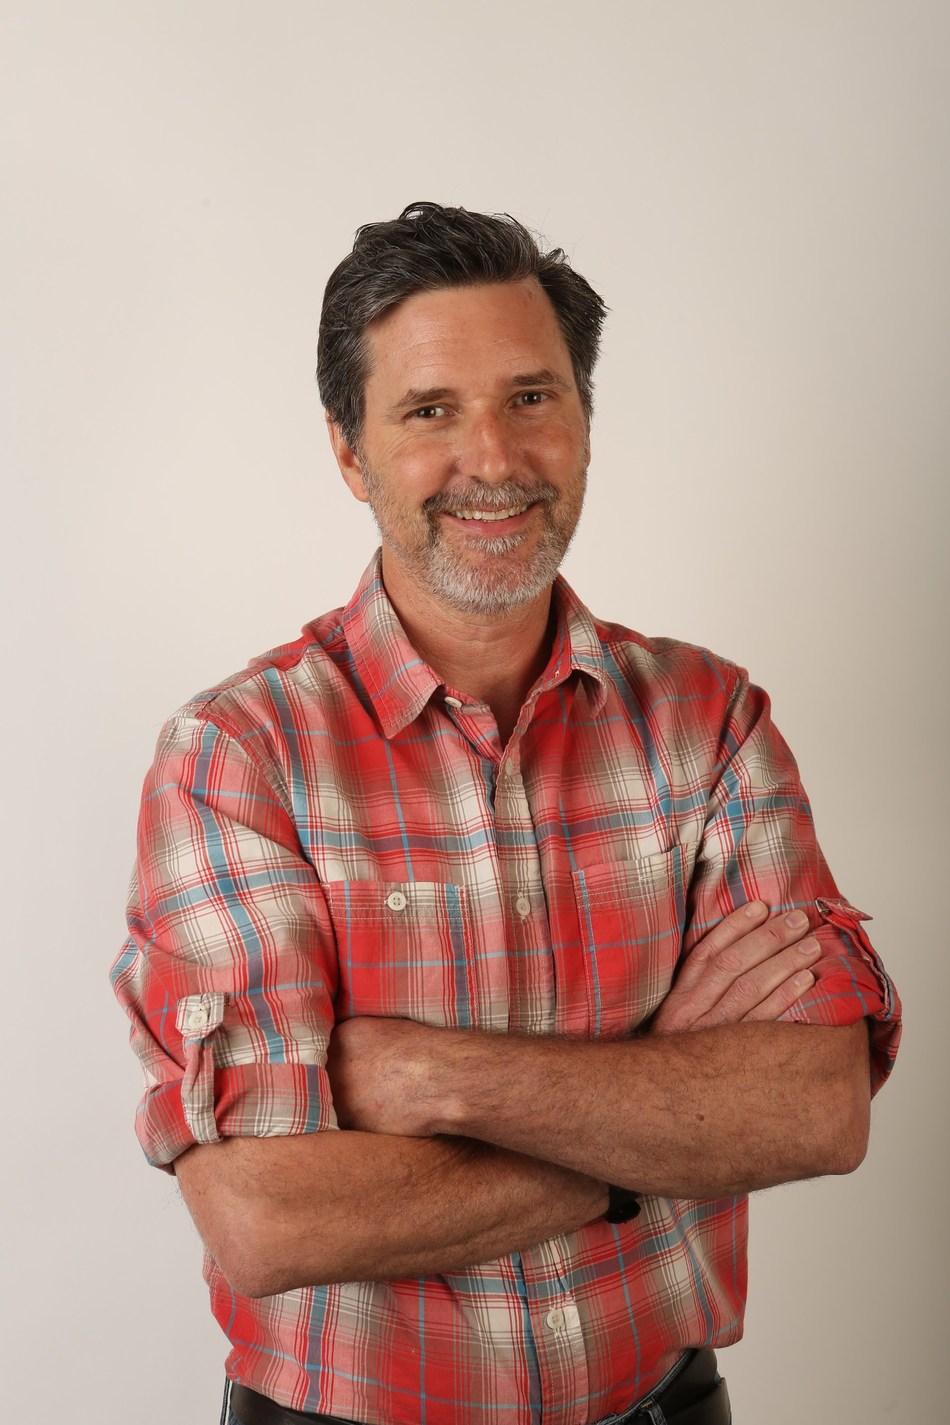 John Geiger - Editor, The Guidefitter Journal